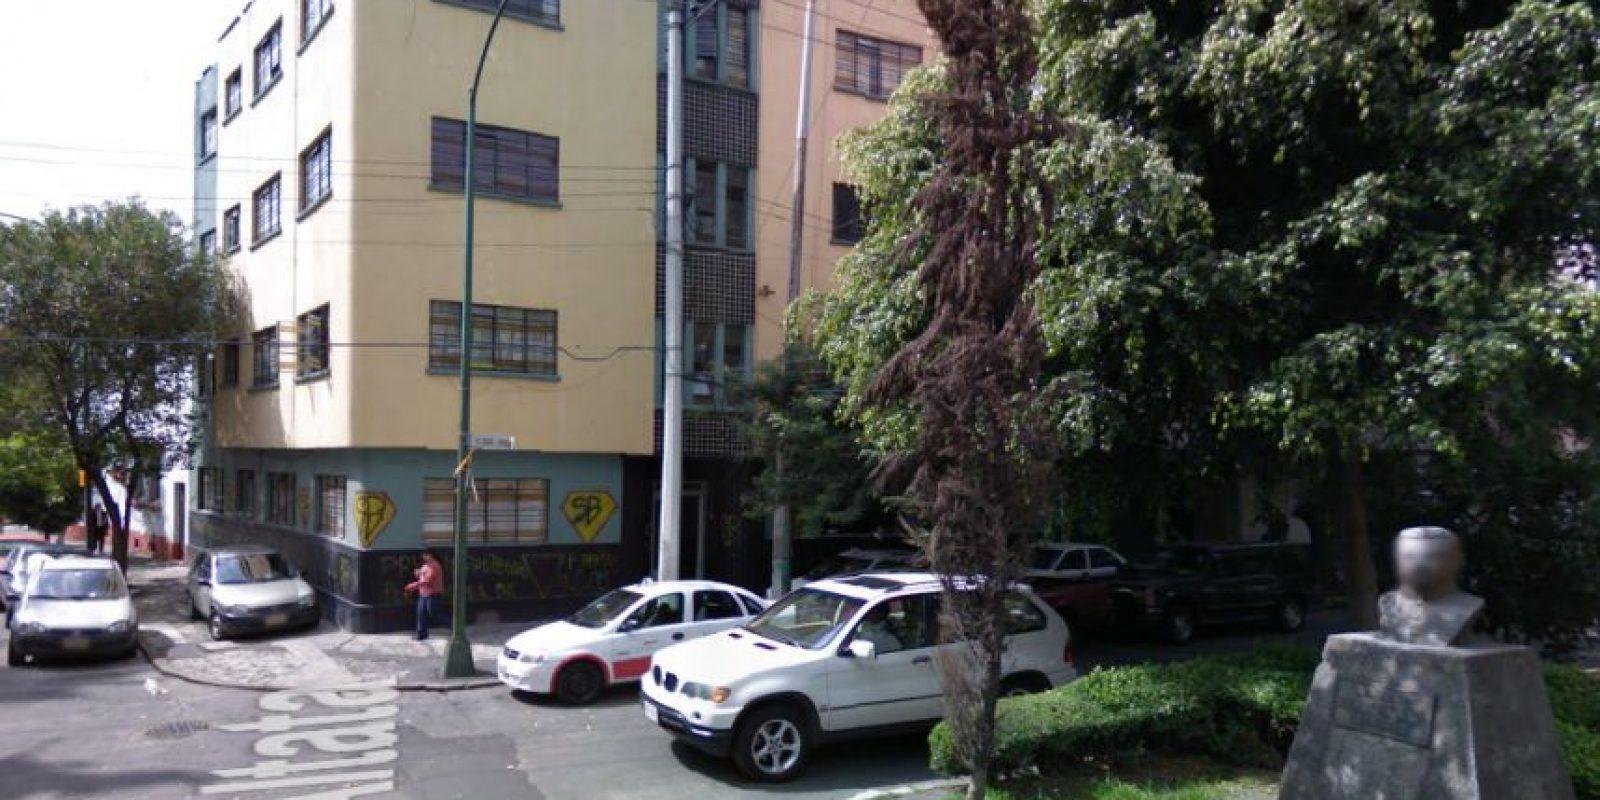 Primero lució la leyenda de SB, que quiere decir Súper Barrio. Octubre 2008 Foto:Google Maps